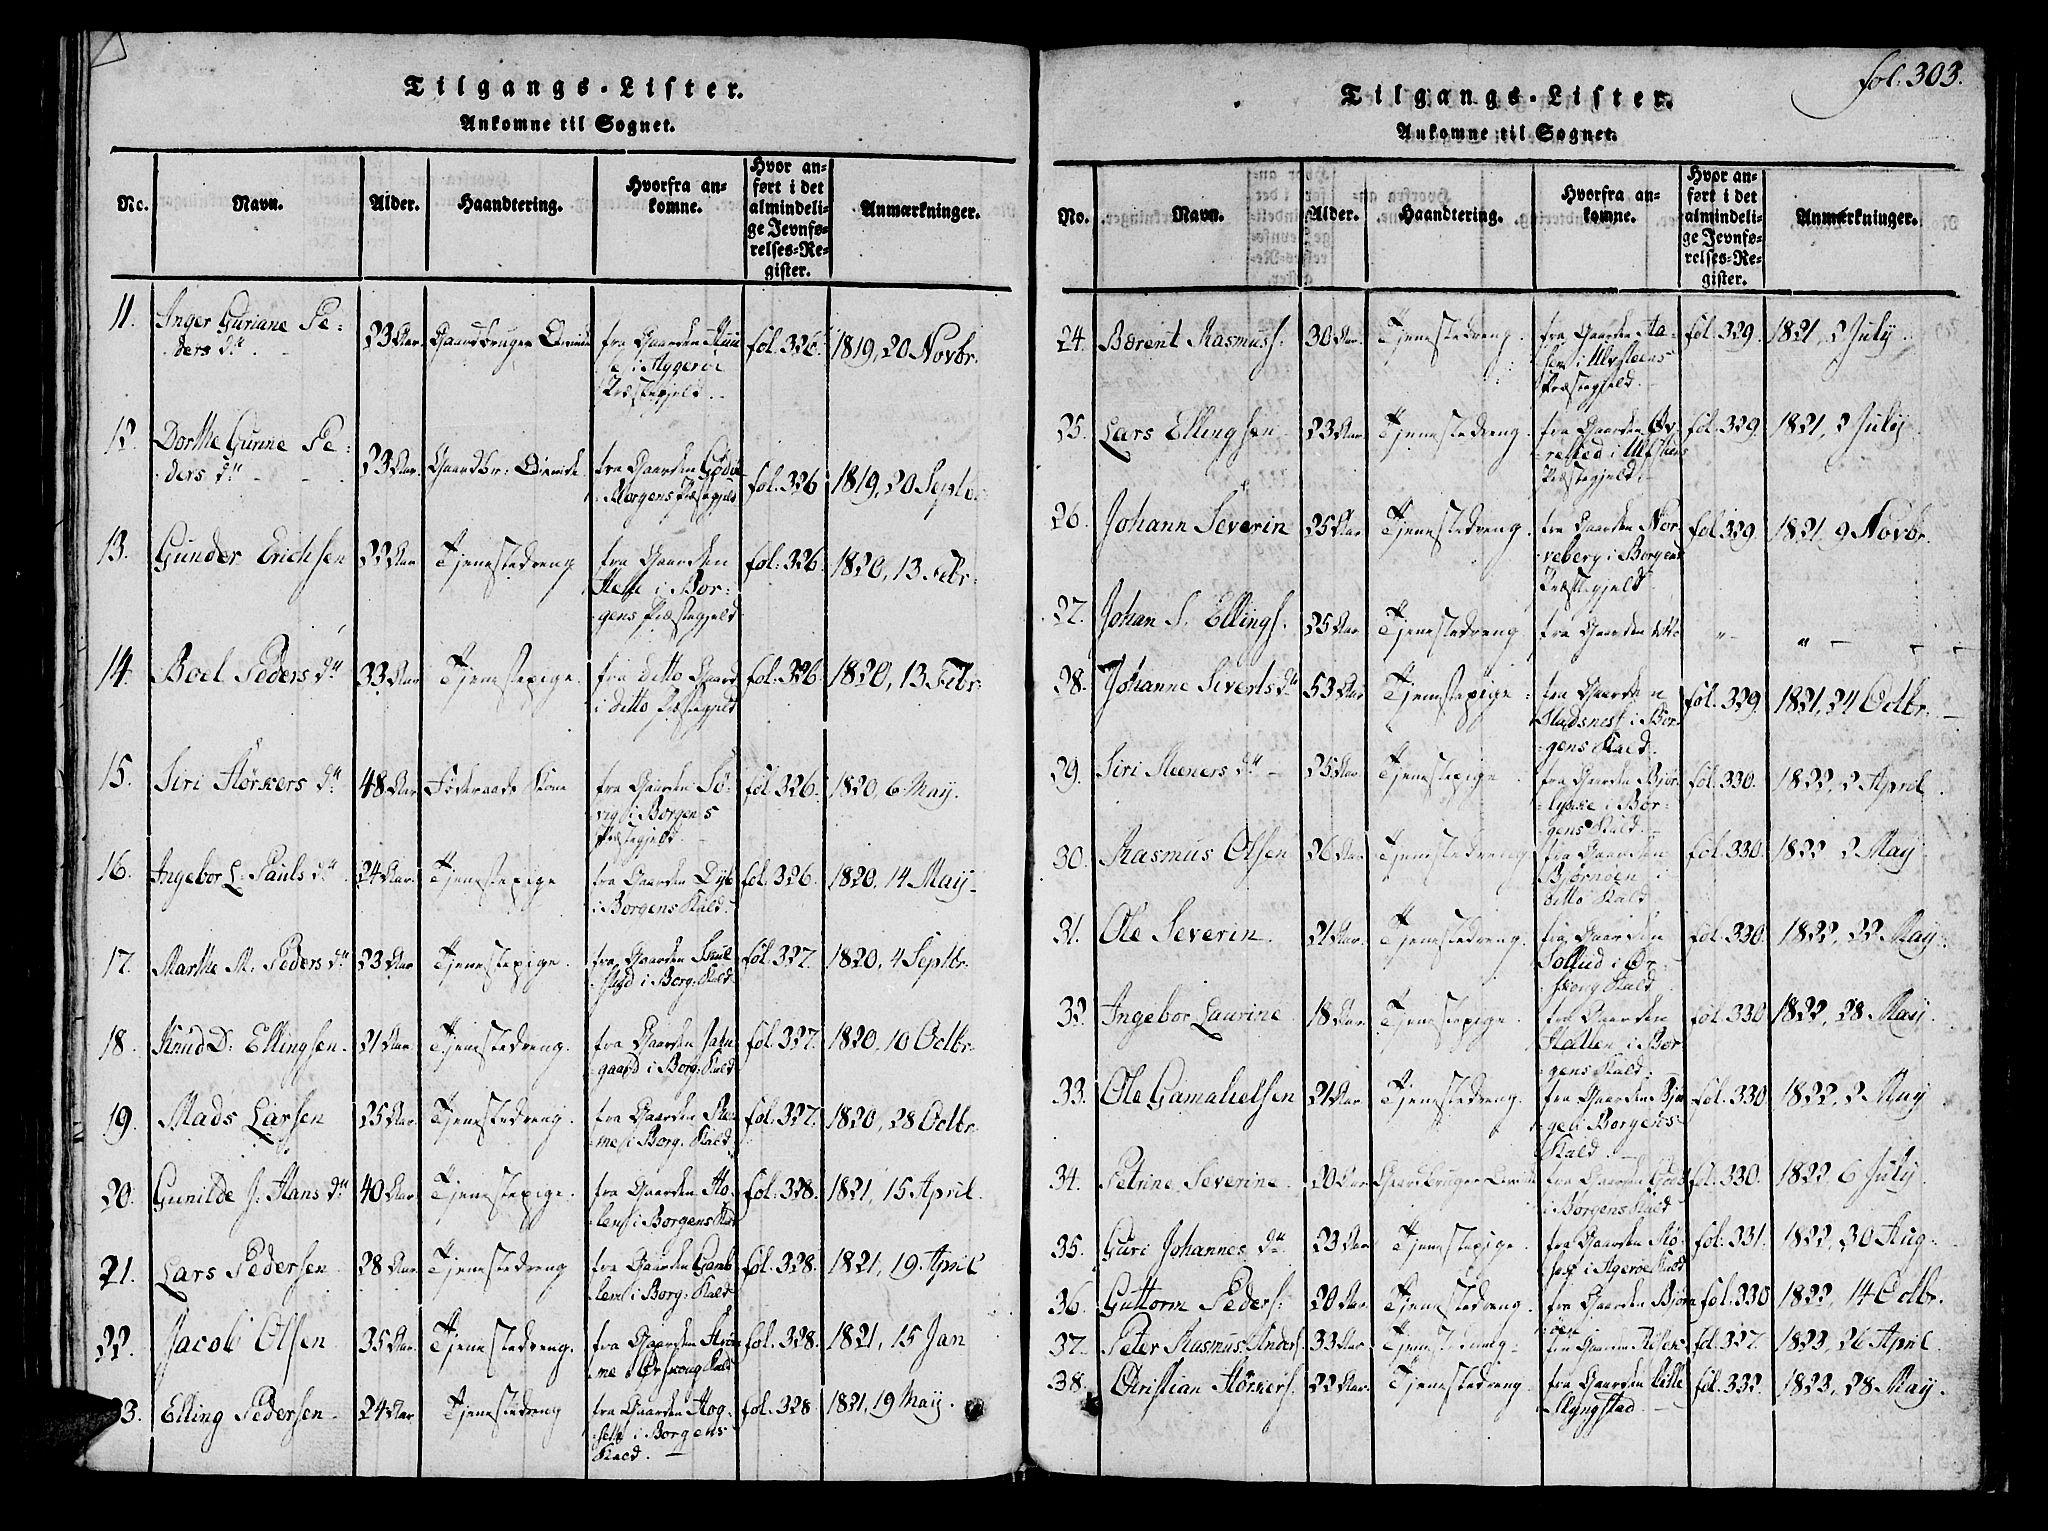 SAT, Ministerialprotokoller, klokkerbøker og fødselsregistre - Møre og Romsdal, 536/L0495: Ministerialbok nr. 536A04, 1818-1847, s. 303